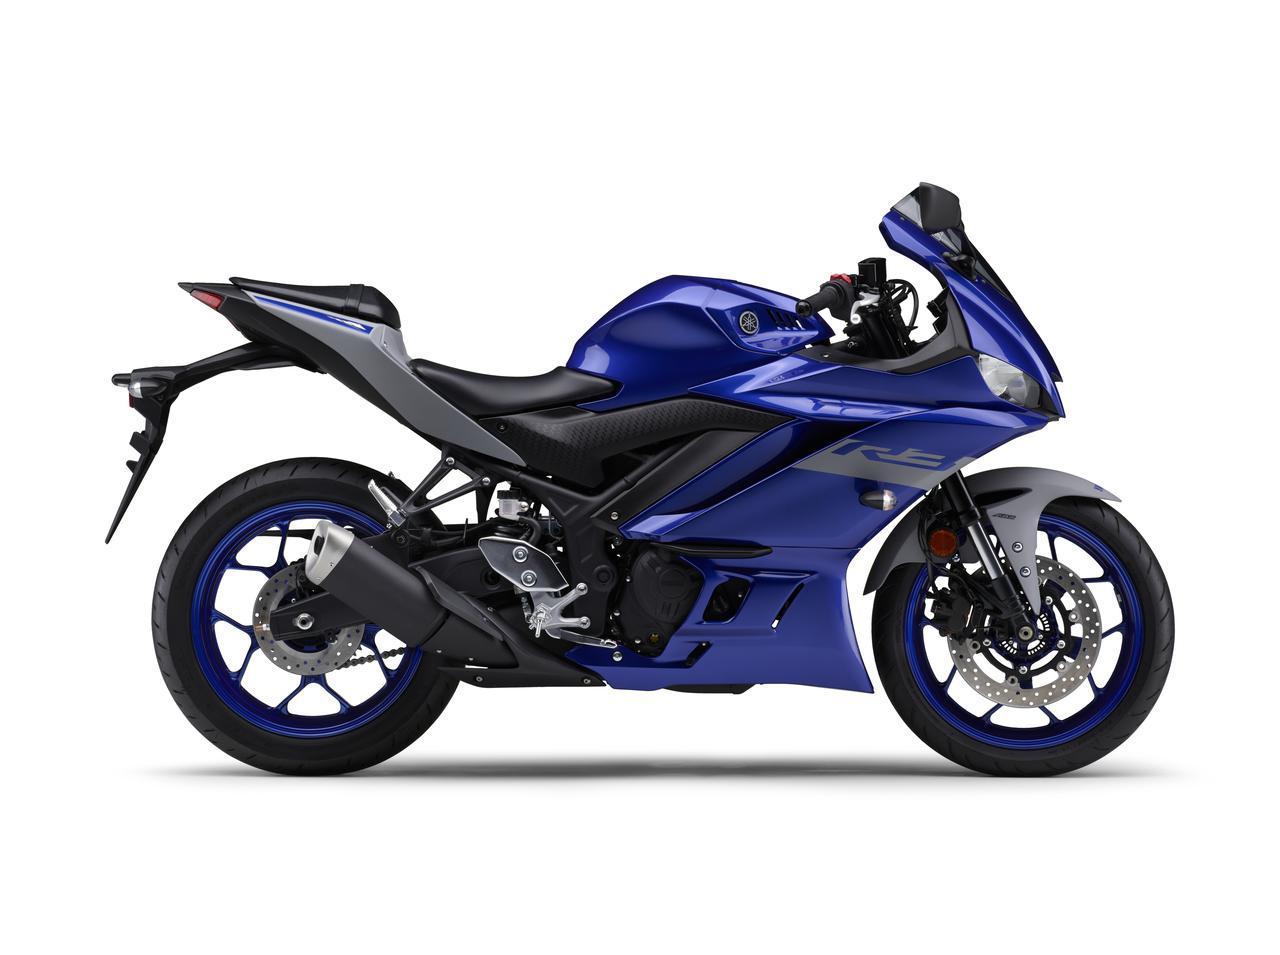 画像3: ヤマハ「YZF-R25/ABS」「YZF-R3 ABS」の2020年モデルが2月14日(金)発売! 3色展開で、すべてニューカラー!